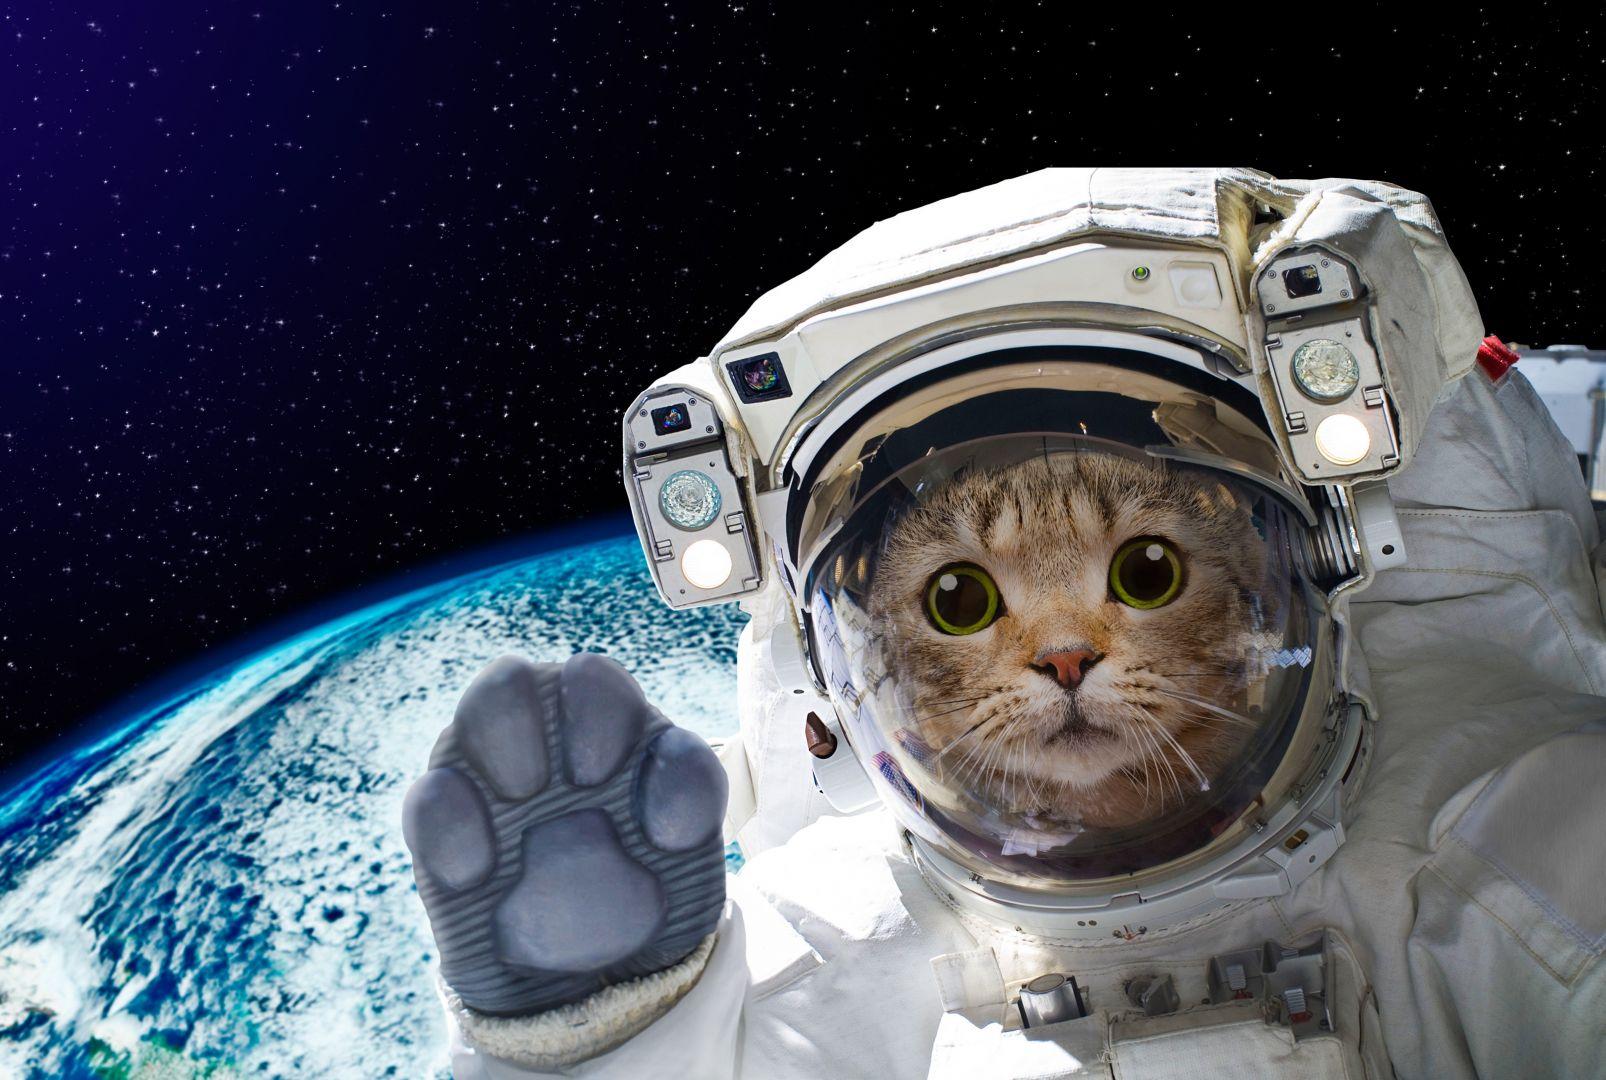 картинки животных в космосе встретить свою